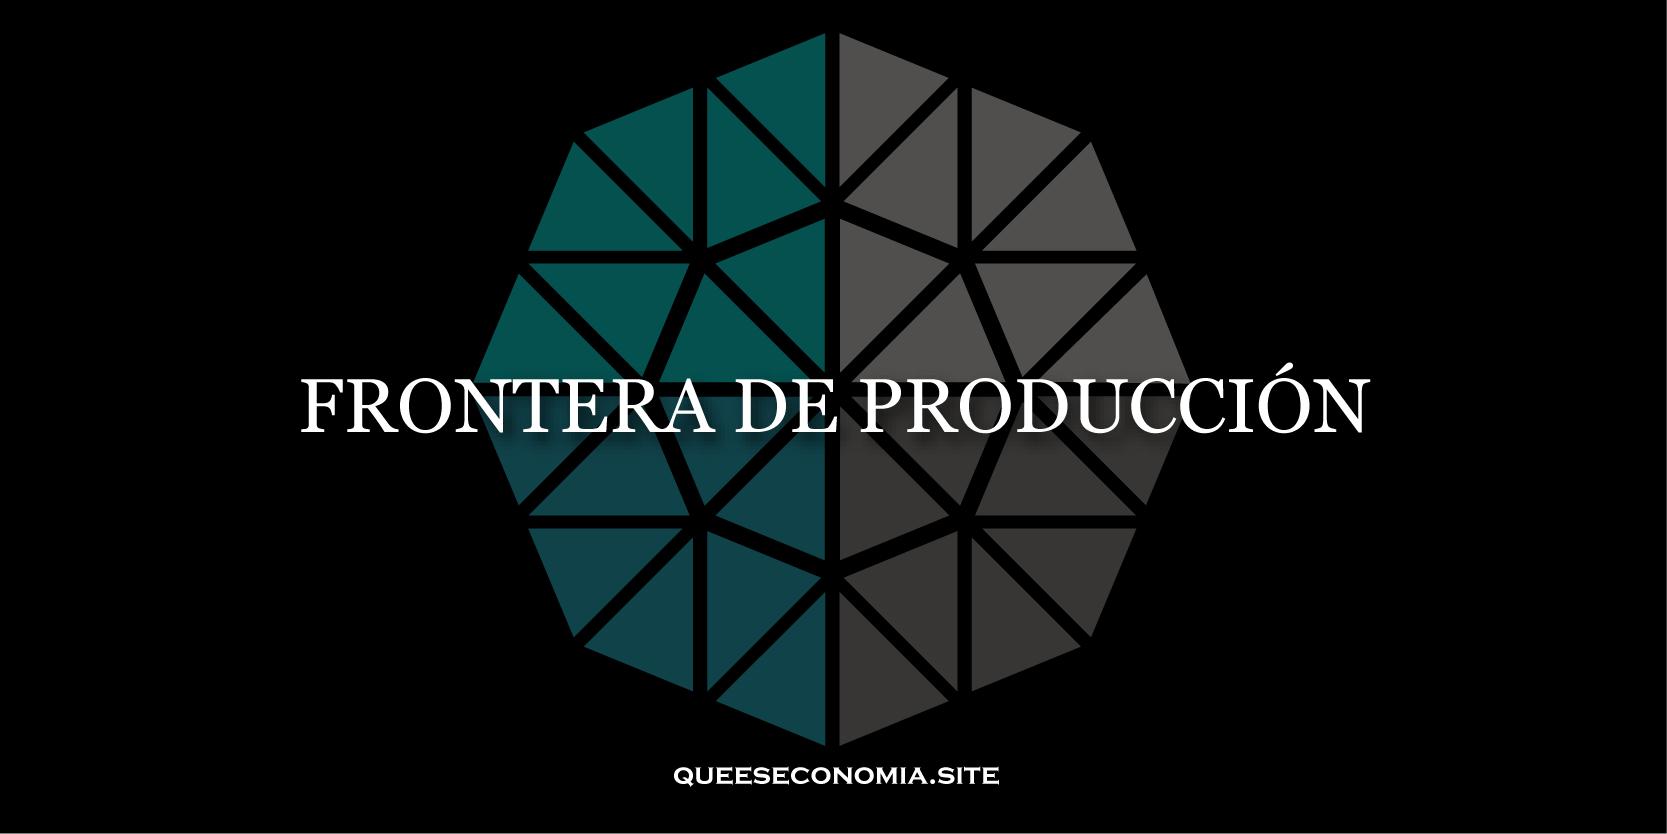 frontera de producción